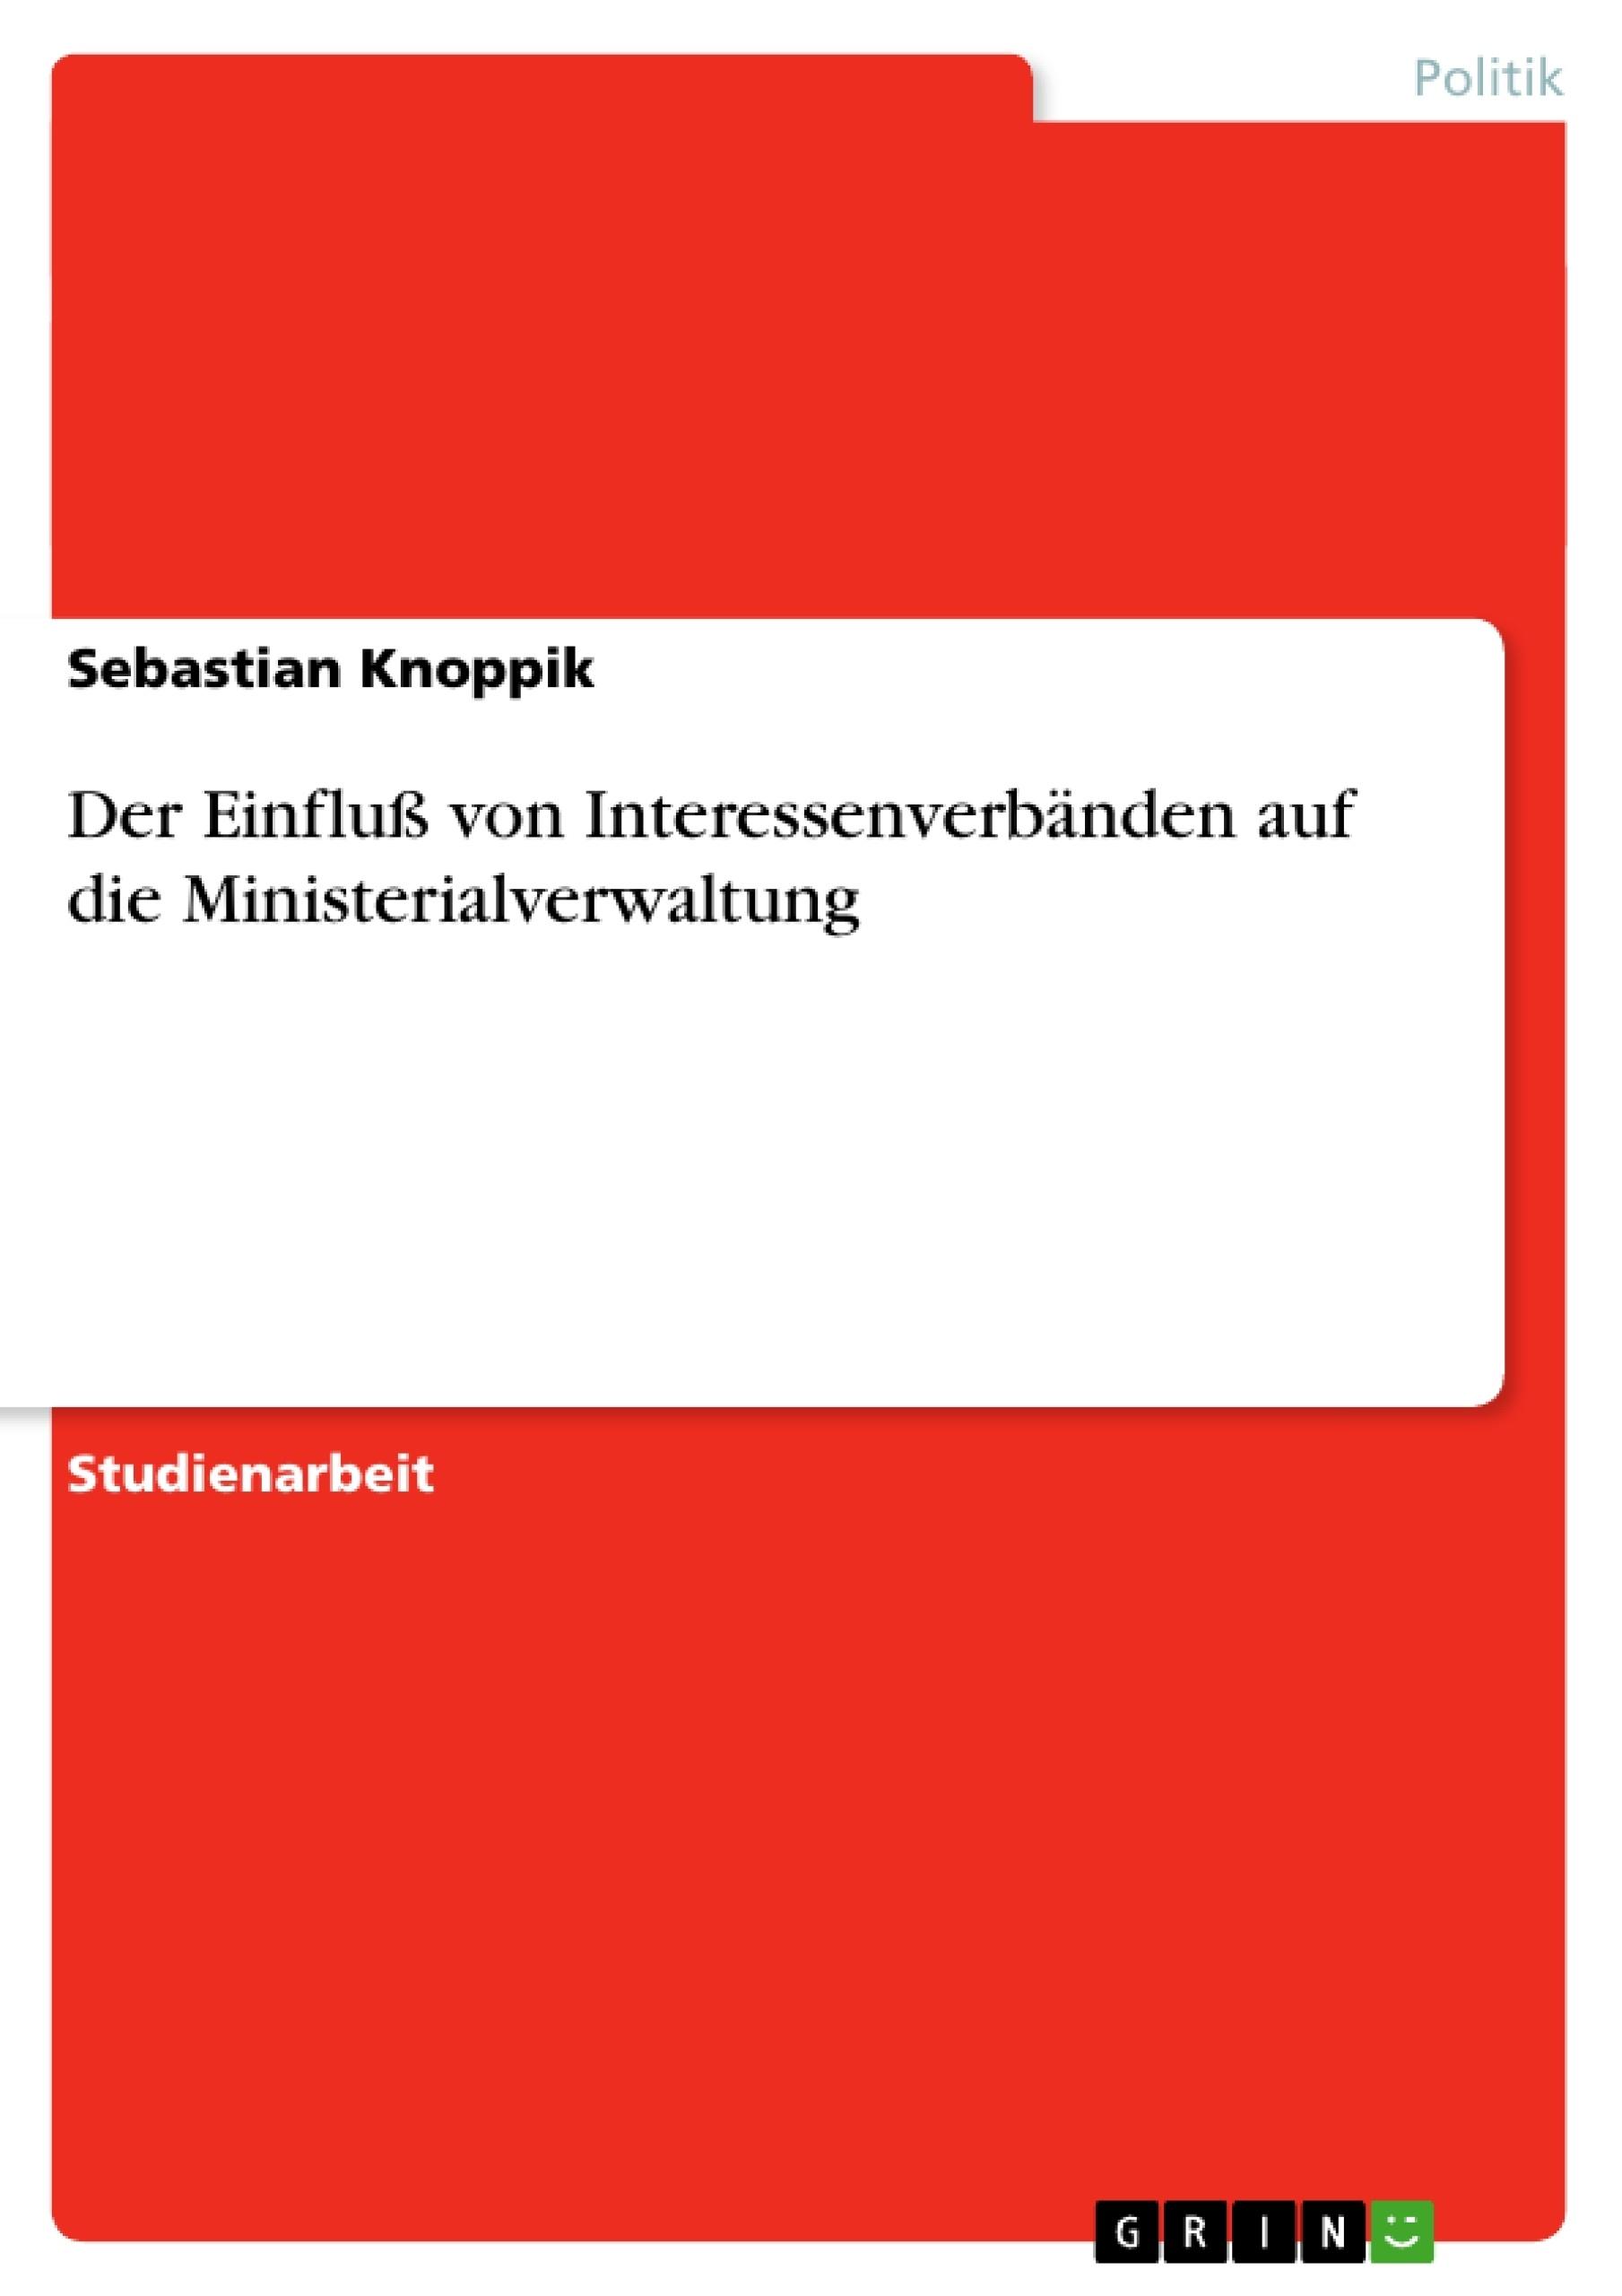 Titel: Der Einfluß von Interessenverbänden auf die Ministerialverwaltung